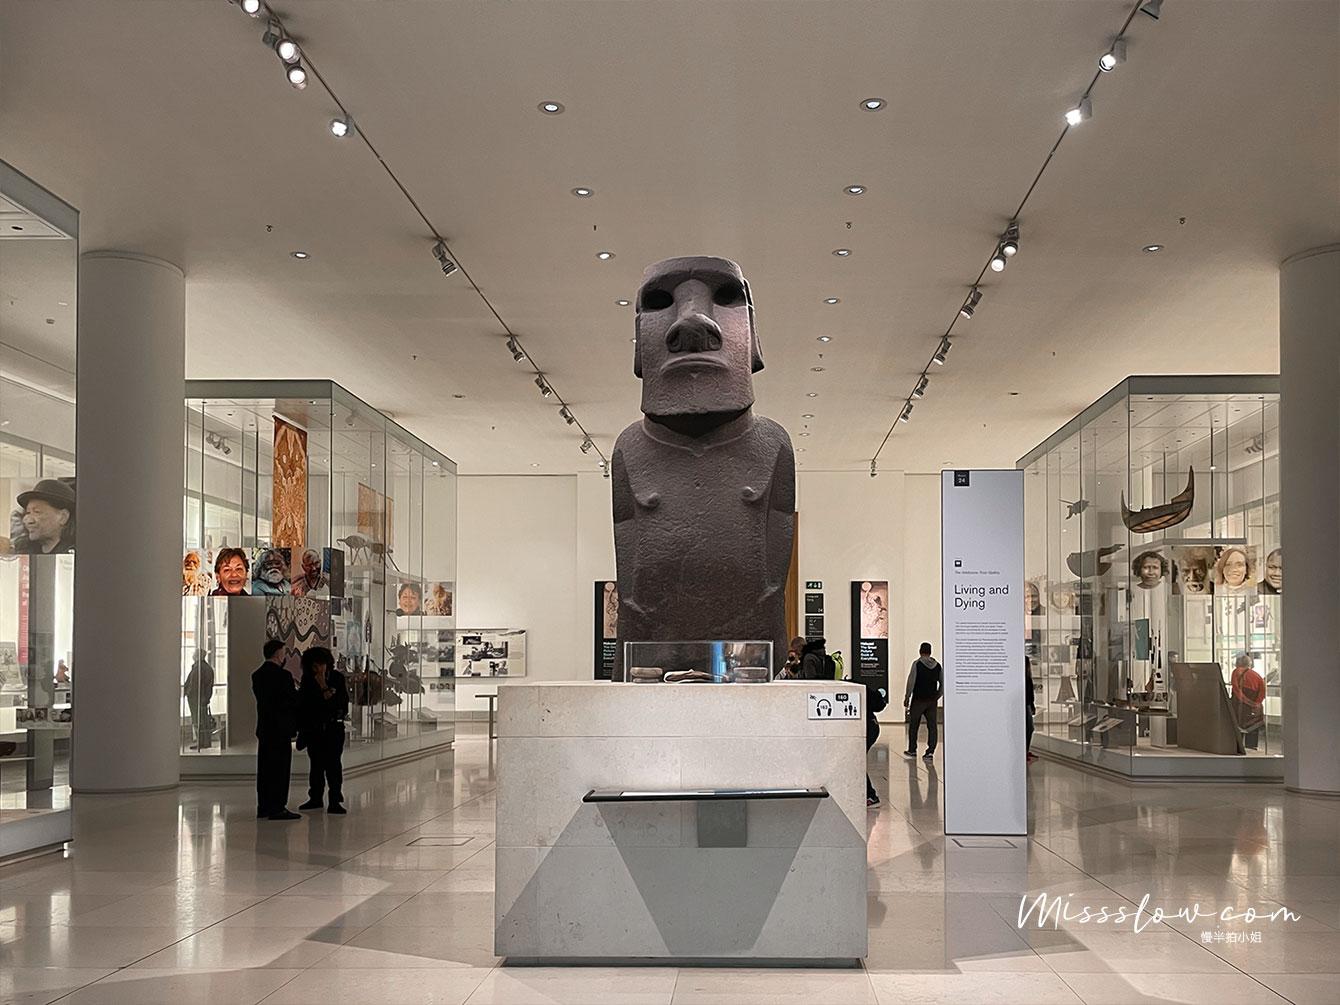 大英博物館-Hoa Hakananai'a Moai statue 摩艾石像